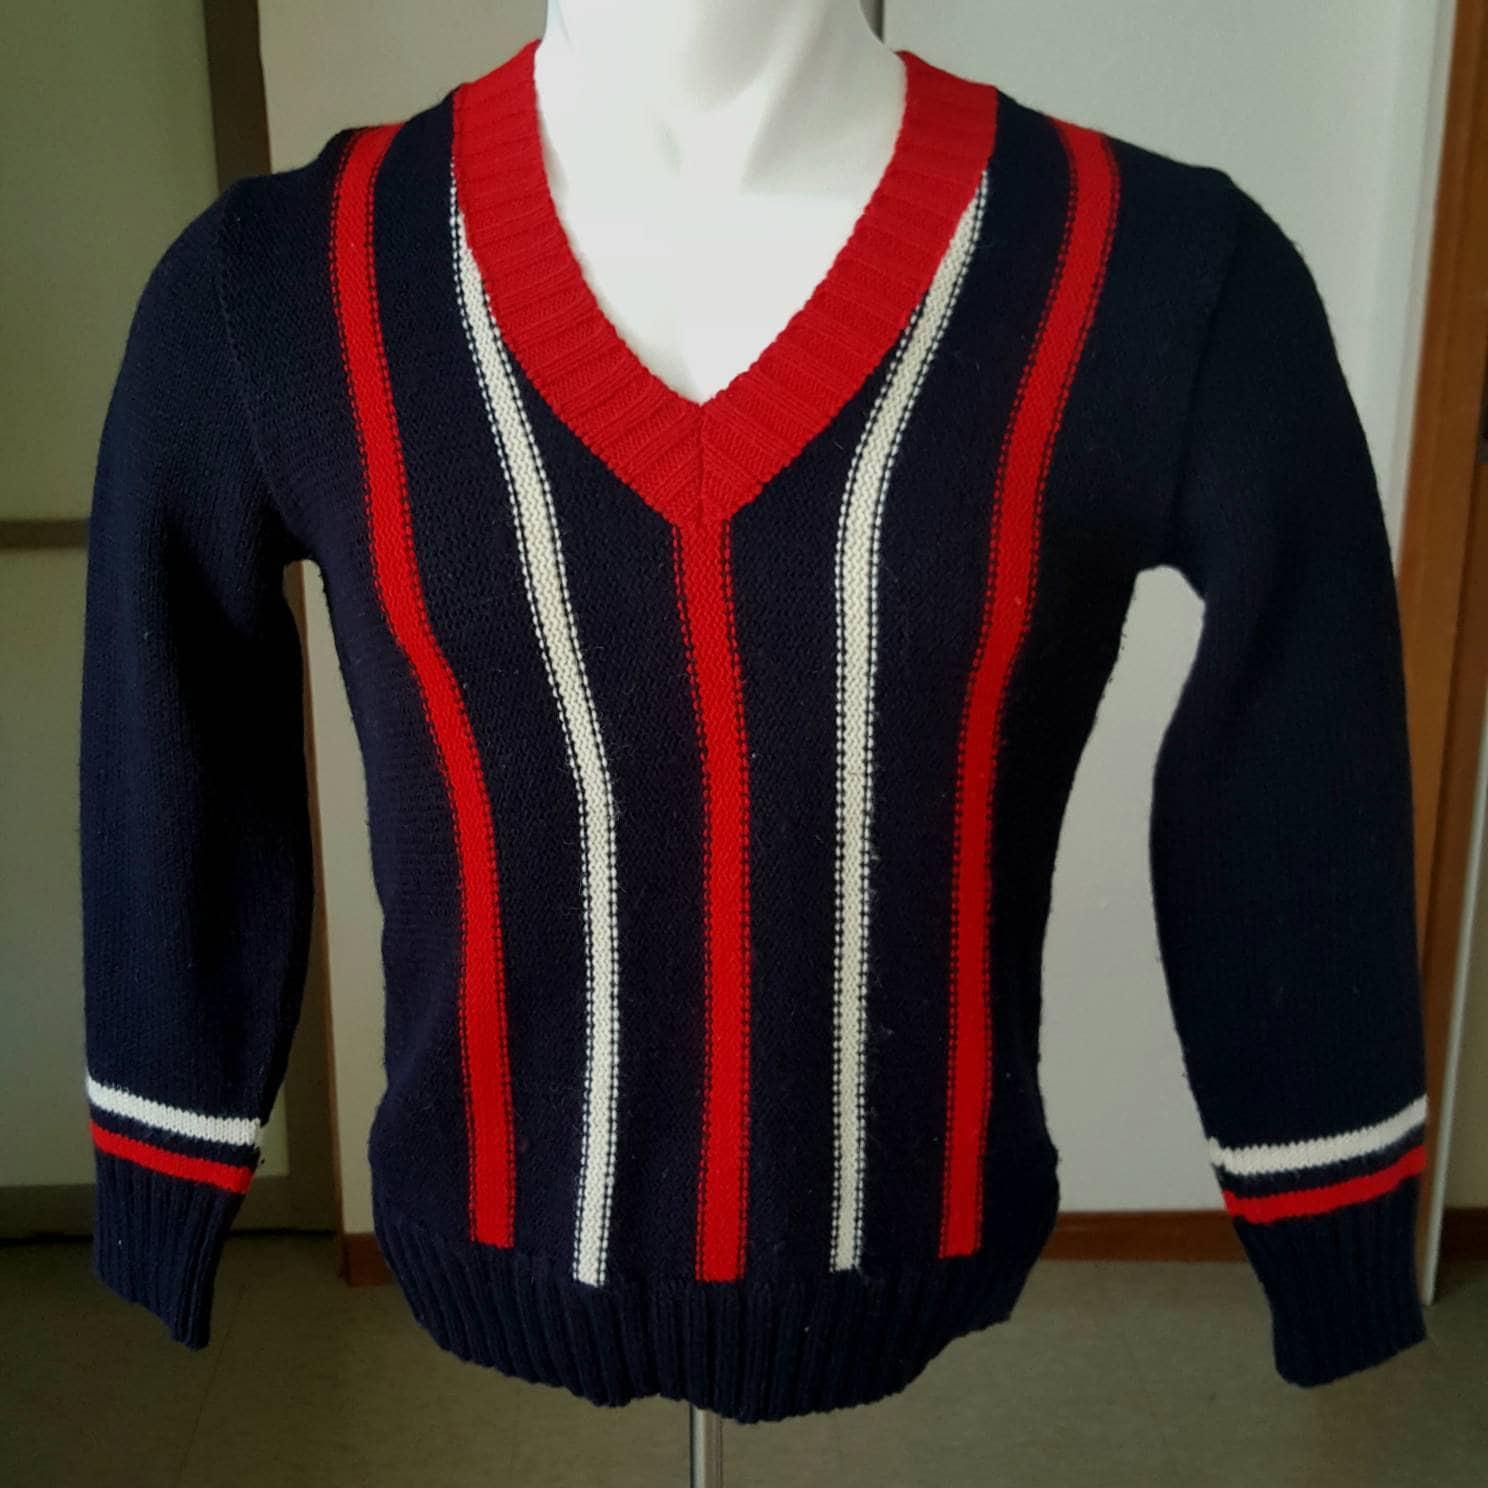 1960s – 70s Men's Ties | Skinny Ties, Slim Ties 1960S Vintage Mens Pullover Sweater With Vertical Stripes M $29.99 AT vintagedancer.com